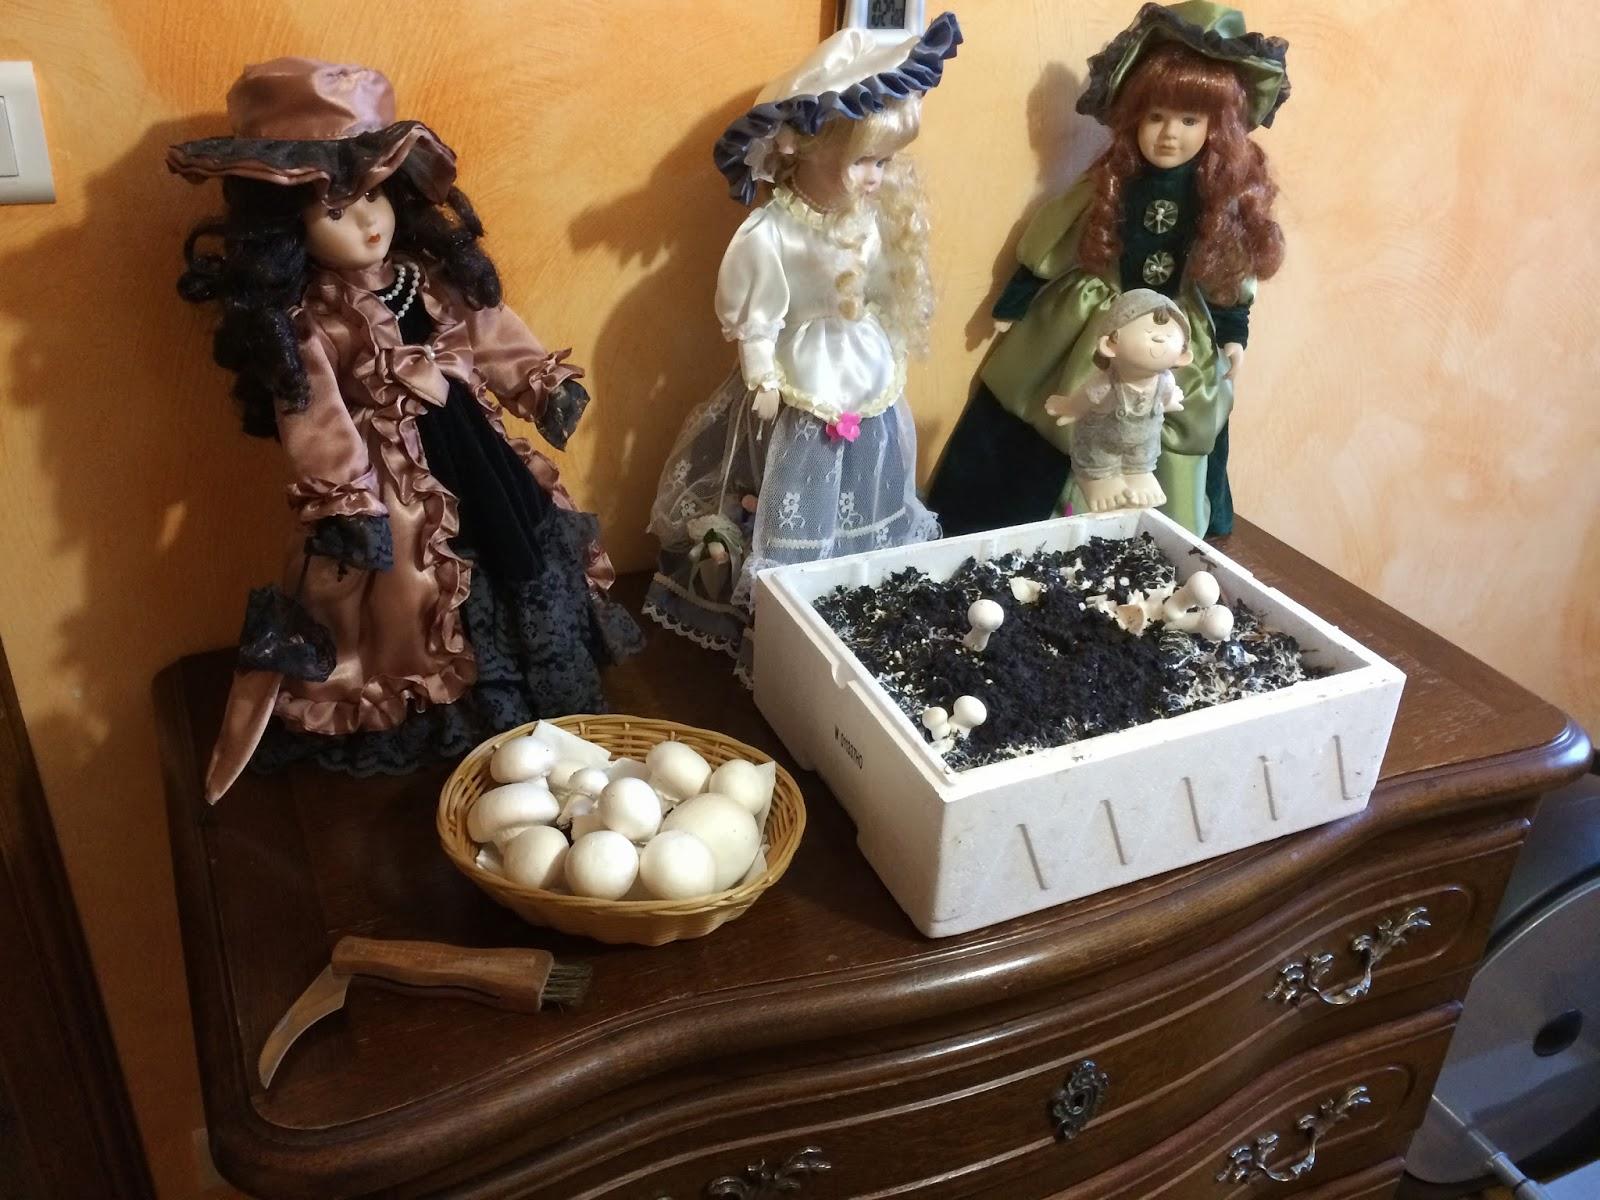 Comment faire pousser des champignons soi-même ? - Mon Blog Malin - Astuces conso, recettes ...